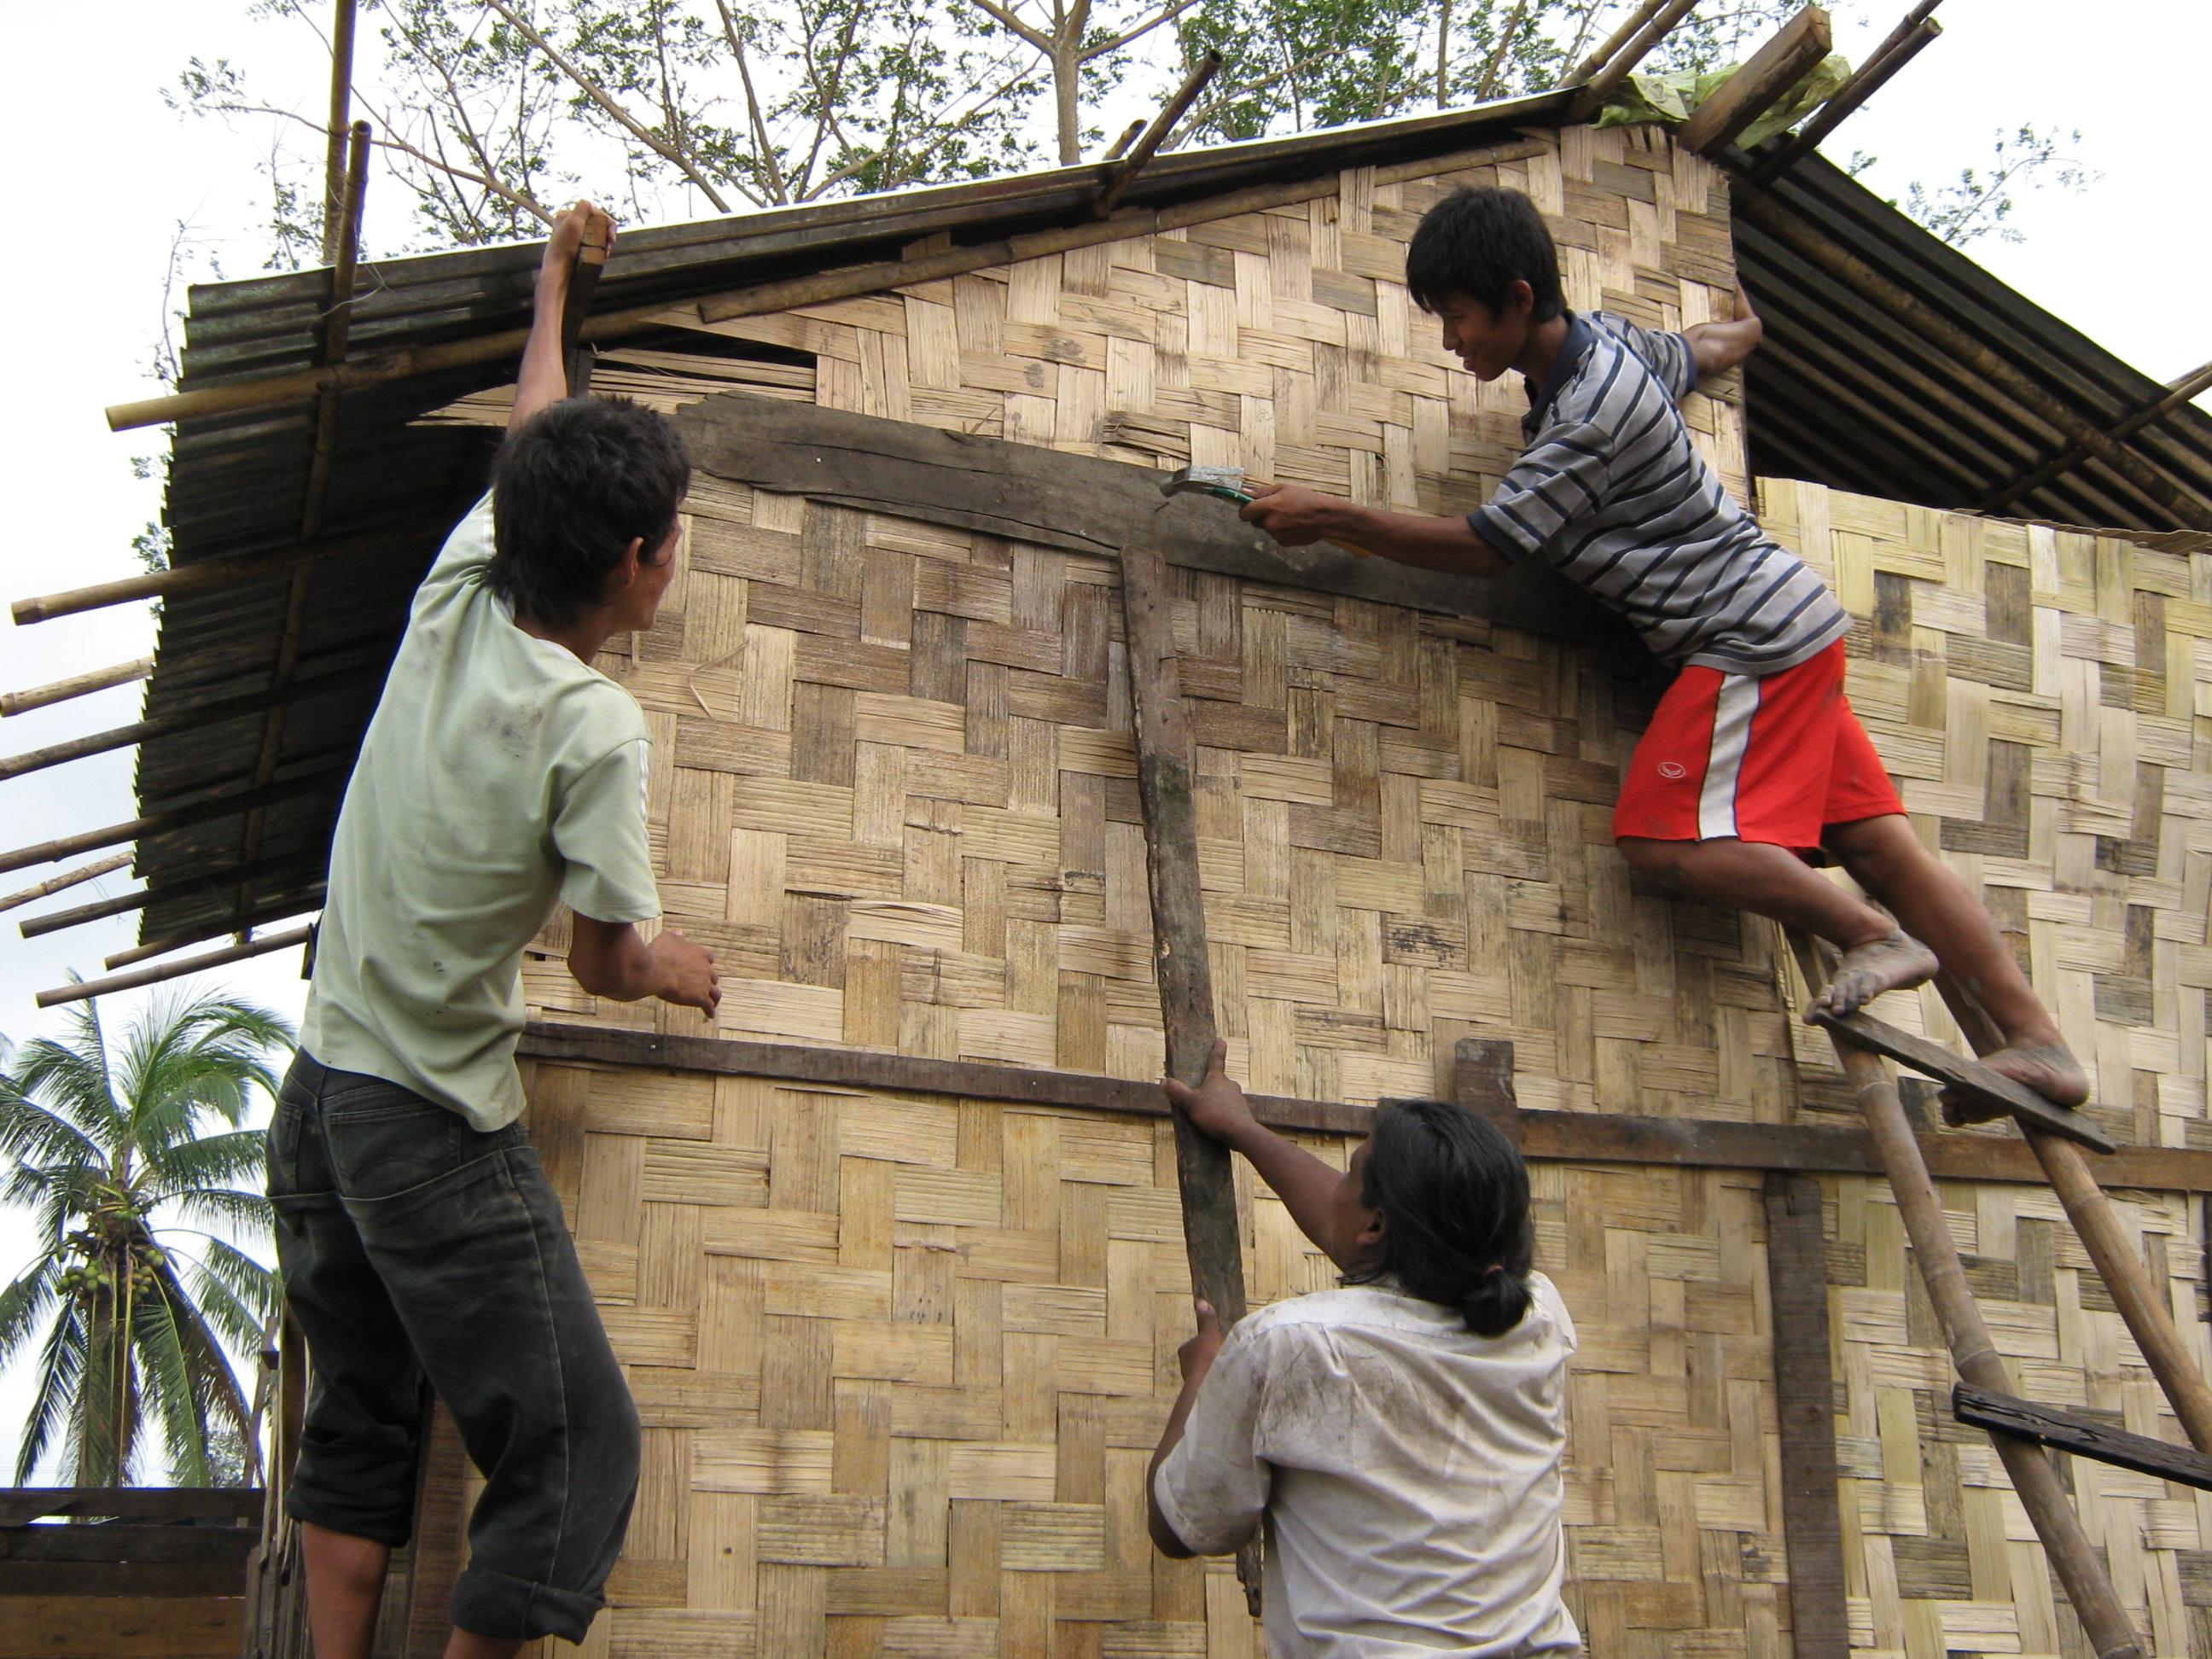 Volunteers_Repairing_homes